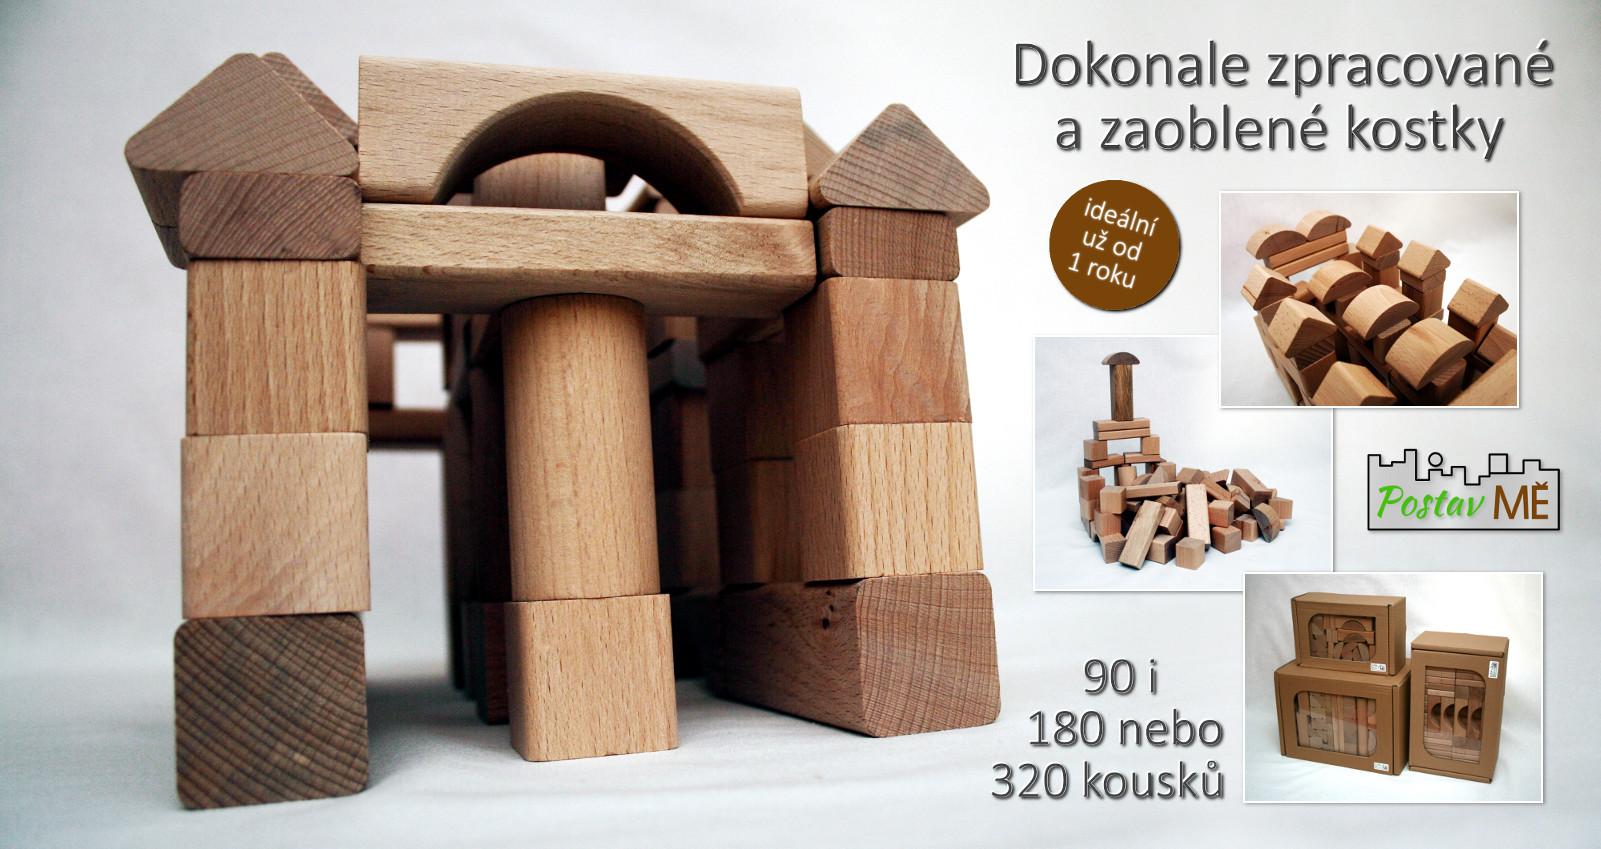 Dřevěné kostky Postav MĚ